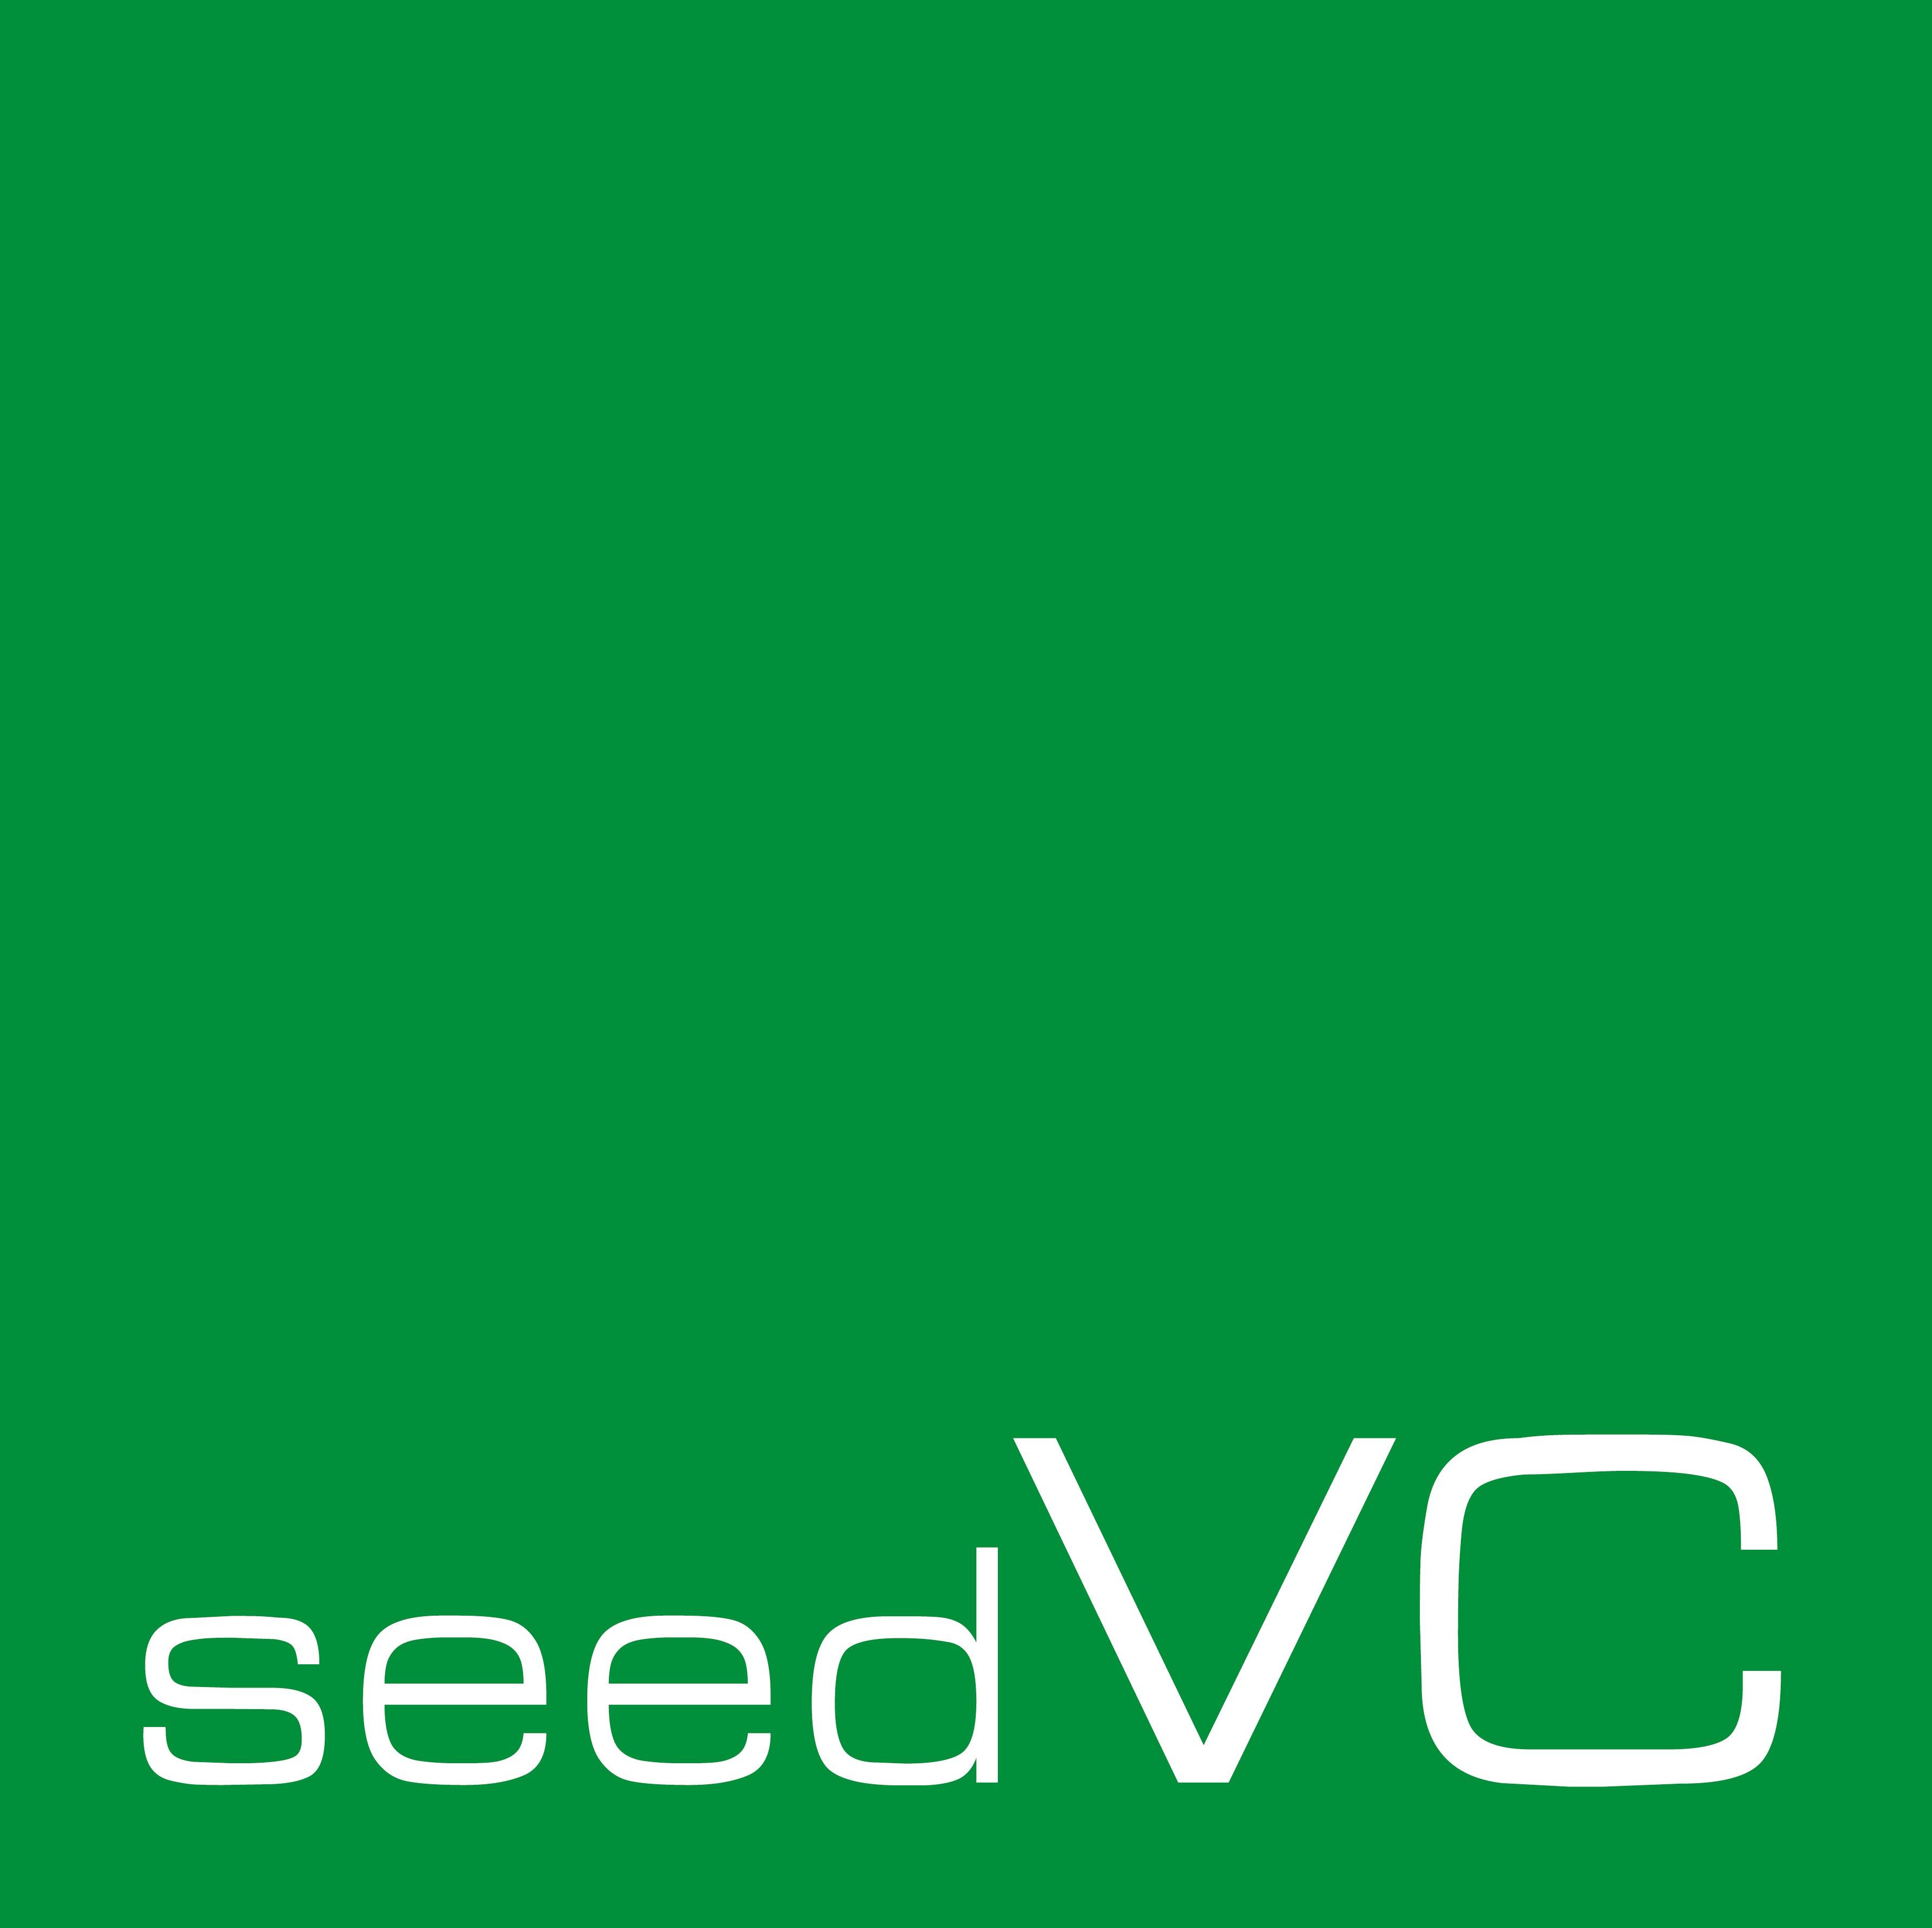 seedVC GmbH